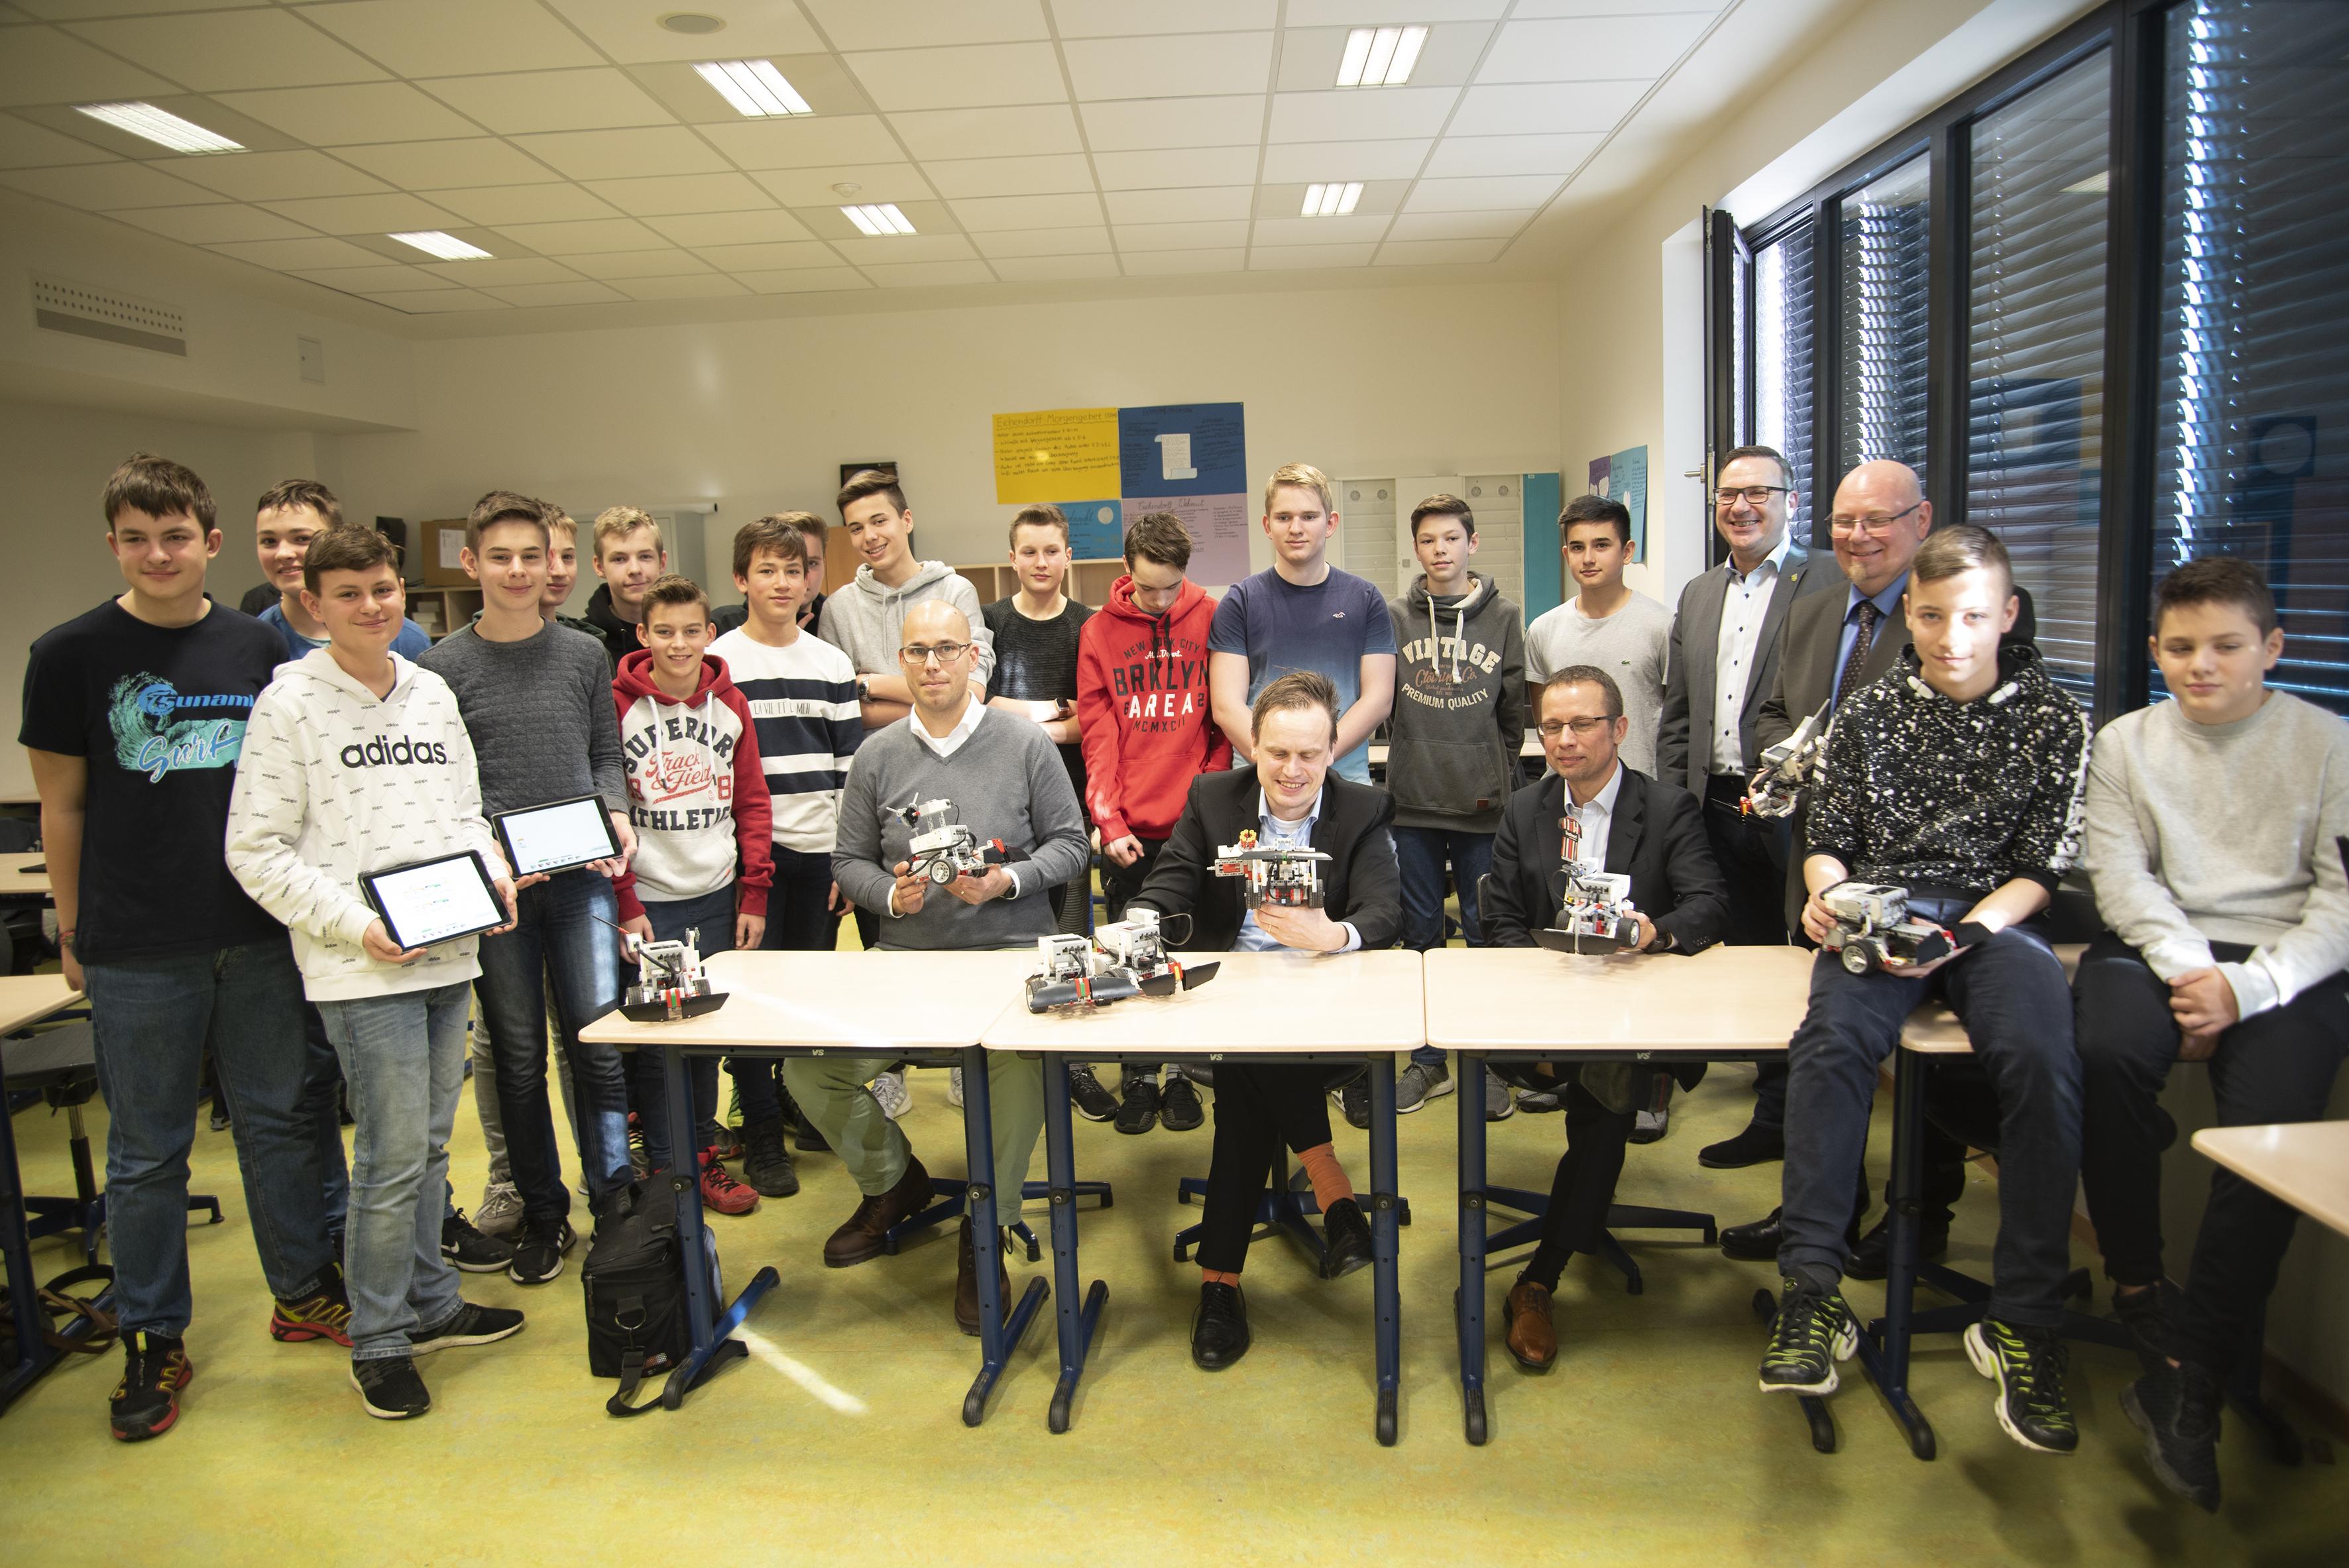 Gruppenbild mit Fabian Wörner, Vorstandsvorsitzender der Controlware Stiftung, und den Schülern des Robotik-Kurses der Adolf-Reichwein-Schule